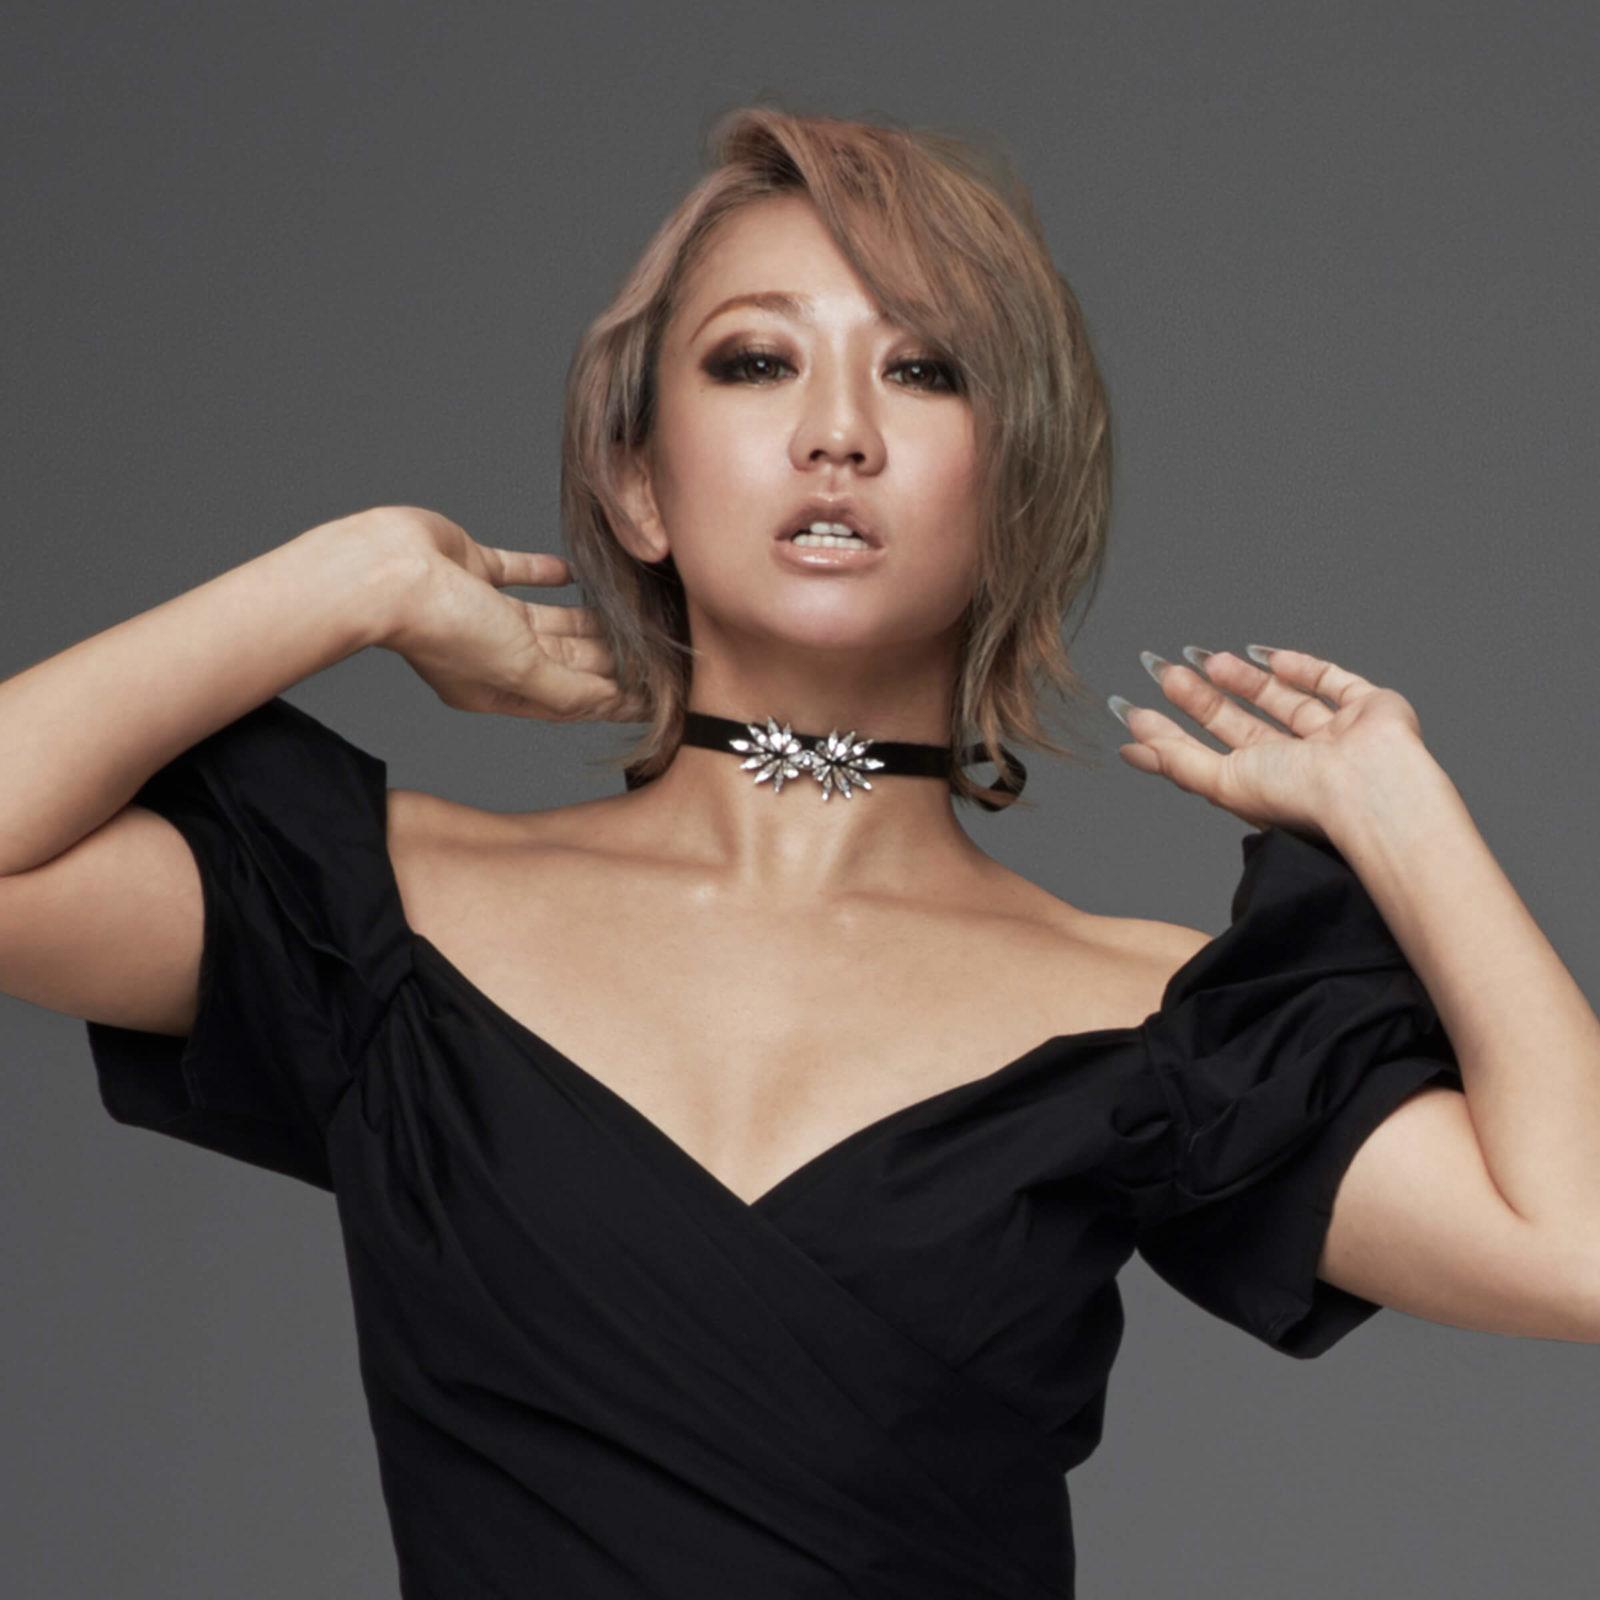 倖田來未、学生を中心にした過去曲の人気再燃に「すっごいびっくり」サムネイル画像